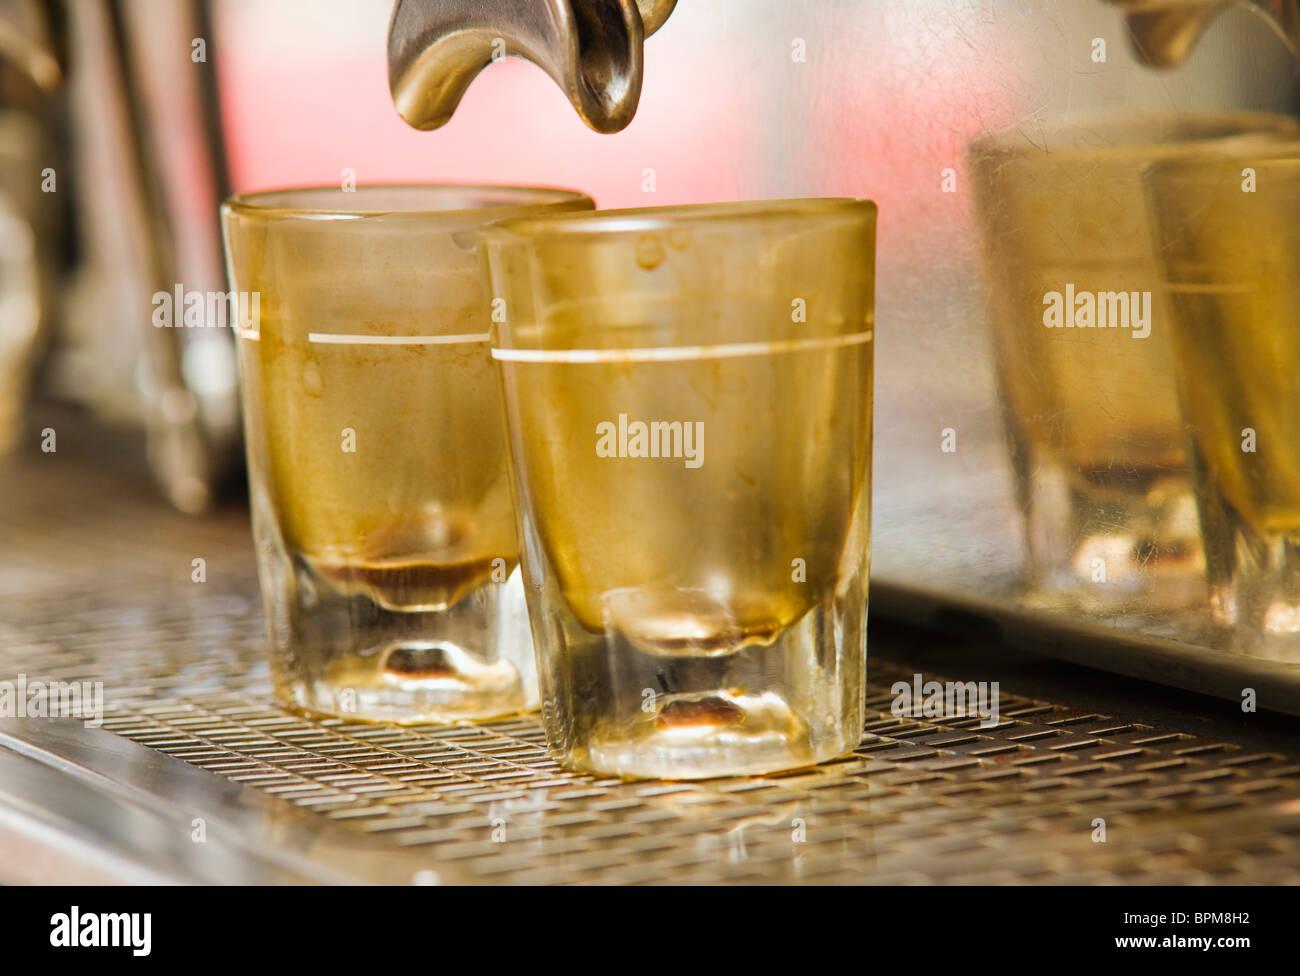 Dos de Café tiñe shot vasos en una máquina espresso. Seattle, WA Imagen De Stock